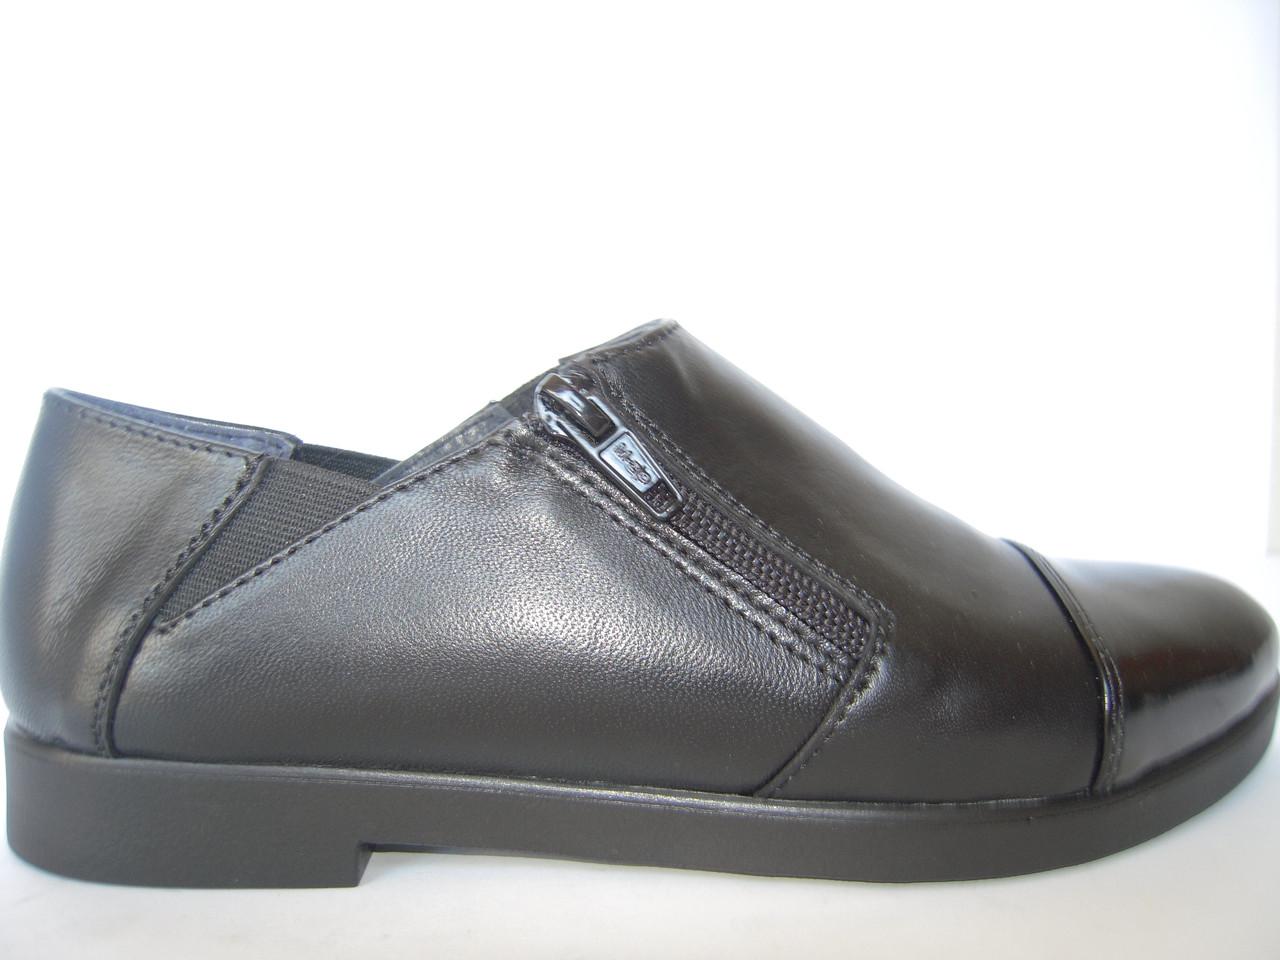 Женские кожаные туфли на низком ходу - Интернет-магазин Verica  стильная кожаная  обувь оптом 90079953b21